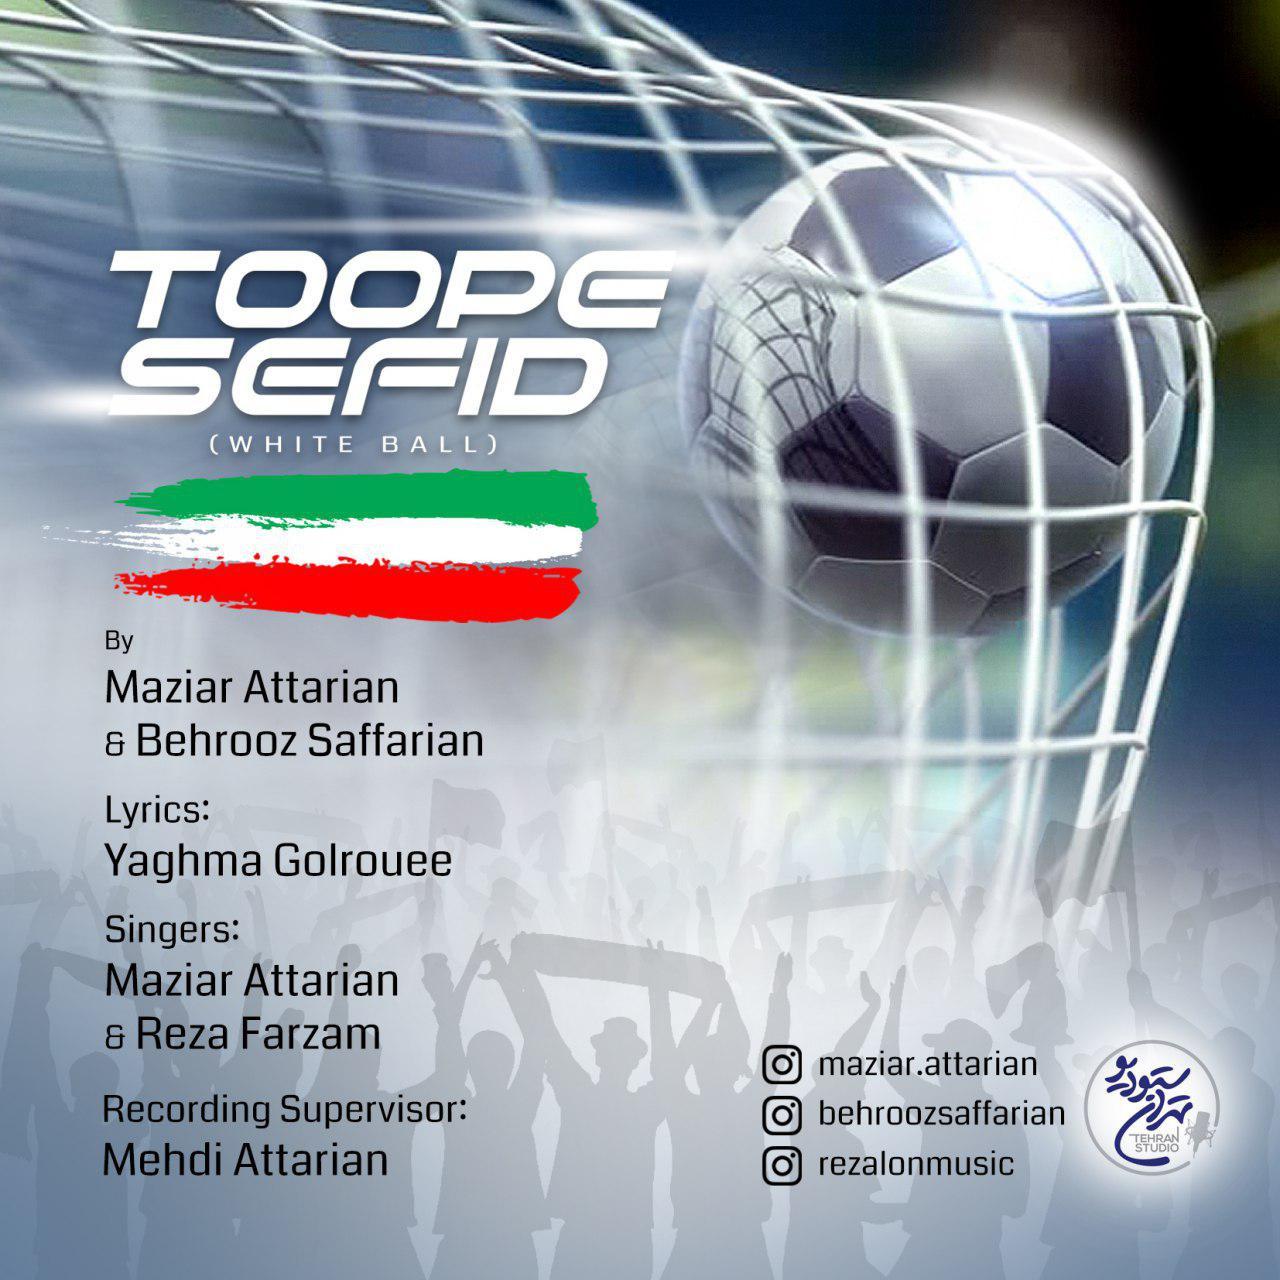 Maziar Attarian – Toope Sefid (Ft Behrooz Saffarian)